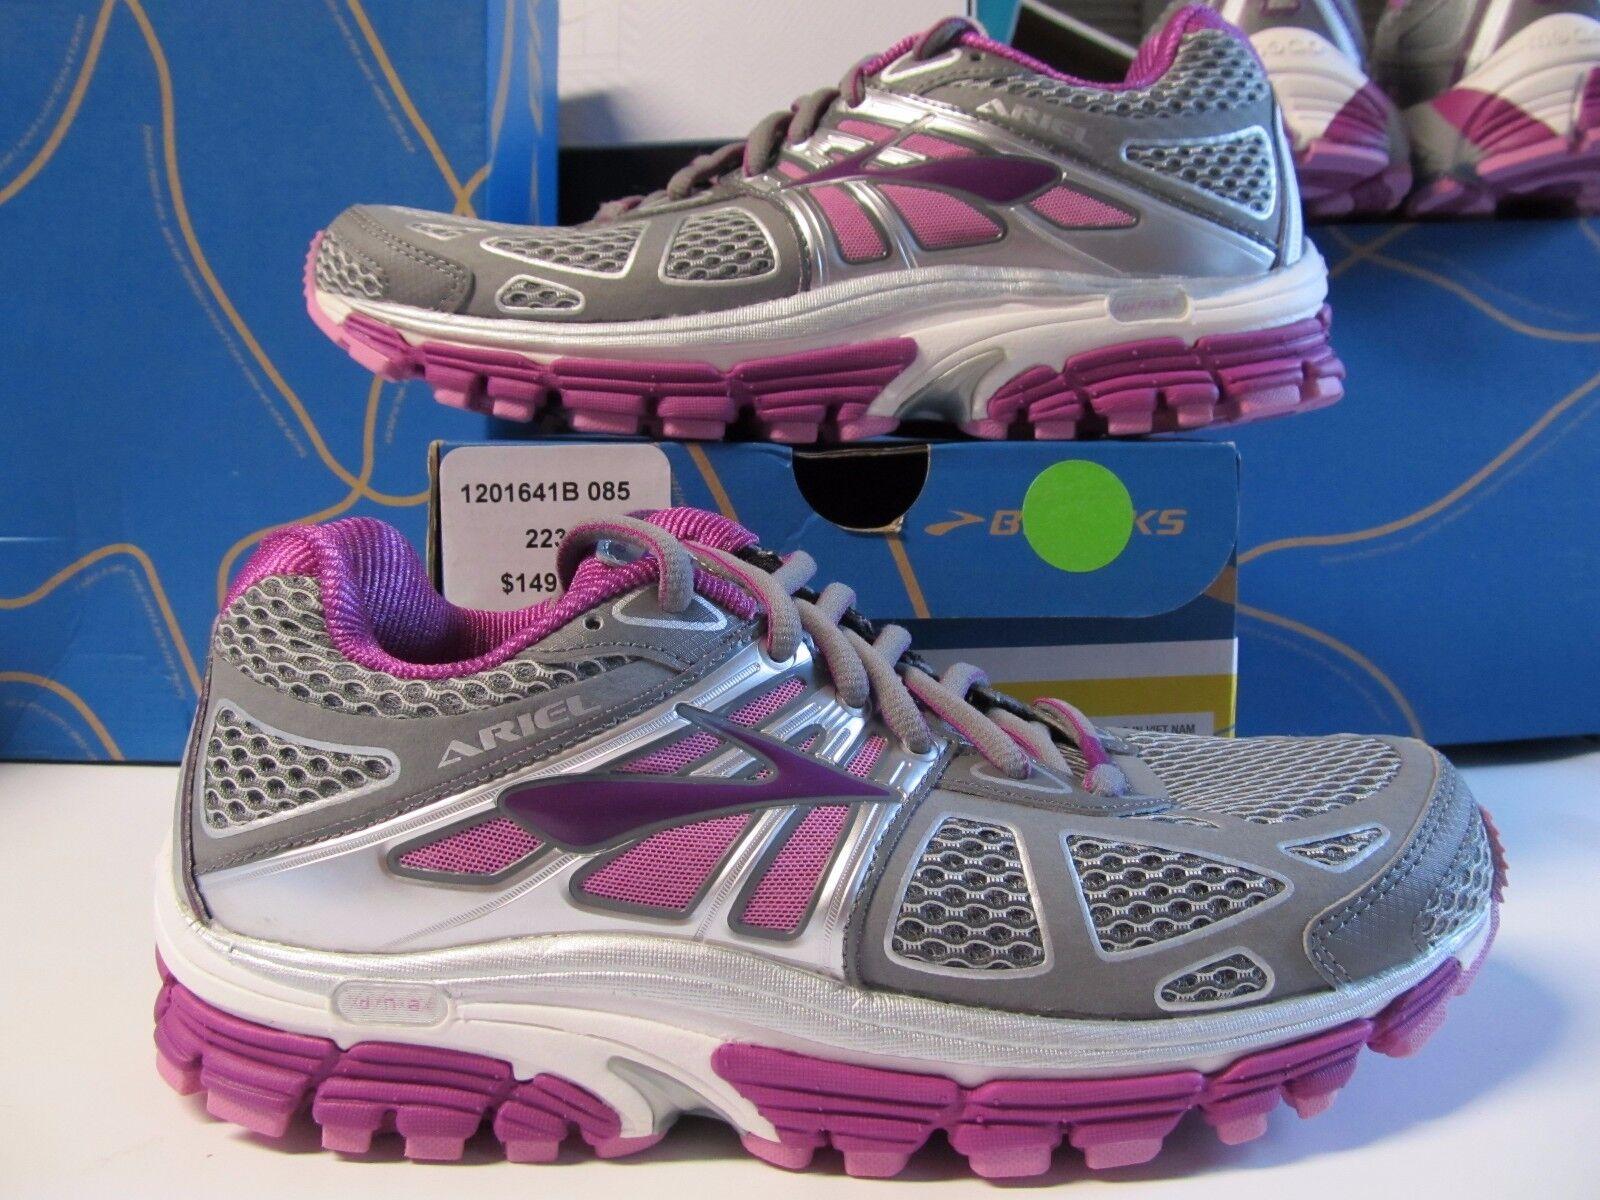 Nouveau Haut Brooks Ariel 14  150 Pearl Rose Violet Argent 6 Chaussures De Course 16 18